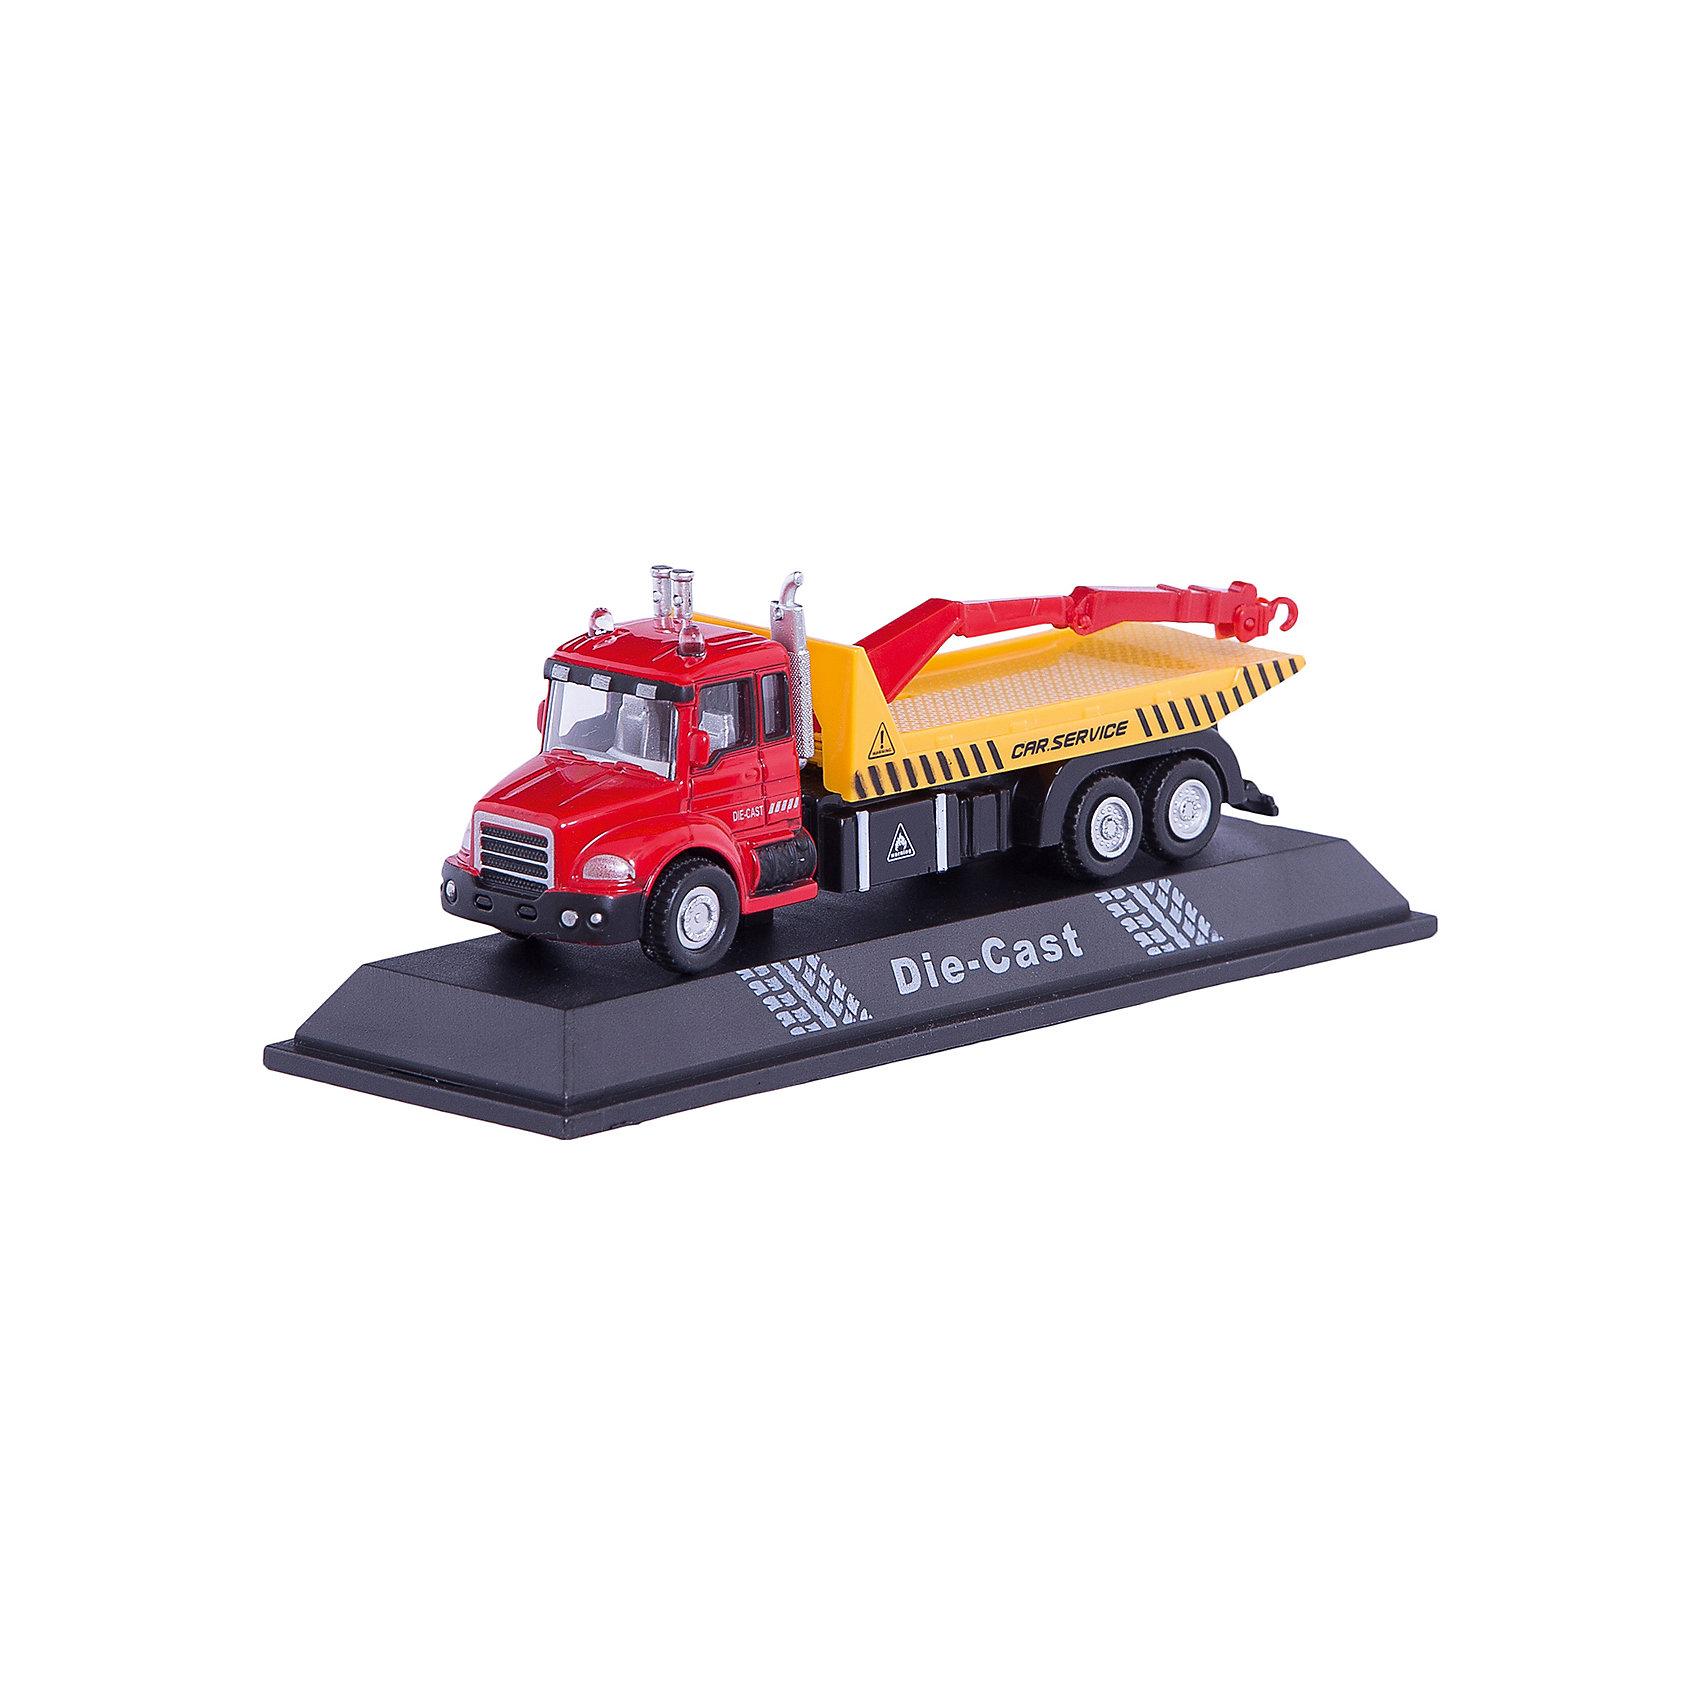 Машинка Tow Truck эвакуатор 1:48, AutotimeМашинки<br>Характеристики товара:<br><br>• цвет: красный<br>• возраст: от 3 лет<br>• материал: металл, пластик<br>• масштаб: 1:48<br>• колеса вращаются<br>• размер упаковки: 16х6х7 см<br>• вес с упаковкой: 100 г<br>• страна бренда: Россия, Китай<br>• страна изготовитель: Китай<br><br>Эта коллекционная модель машинки отличается высокой детализацией. Окна - прозрачные, поэтому через них можно увидеть салон.<br><br>Сделана машинка из прочного и безопасного материала. Модель с эвакуатором и платформой.<br><br>Машинку «Tow Truck» эвакуатор 1:48, Autotime (Автотайм) можно купить в нашем интернет-магазине.<br><br>Ширина мм: 165<br>Глубина мм: 57<br>Высота мм: 75<br>Вес г: 13<br>Возраст от месяцев: 36<br>Возраст до месяцев: 2147483647<br>Пол: Мужской<br>Возраст: Детский<br>SKU: 5584049